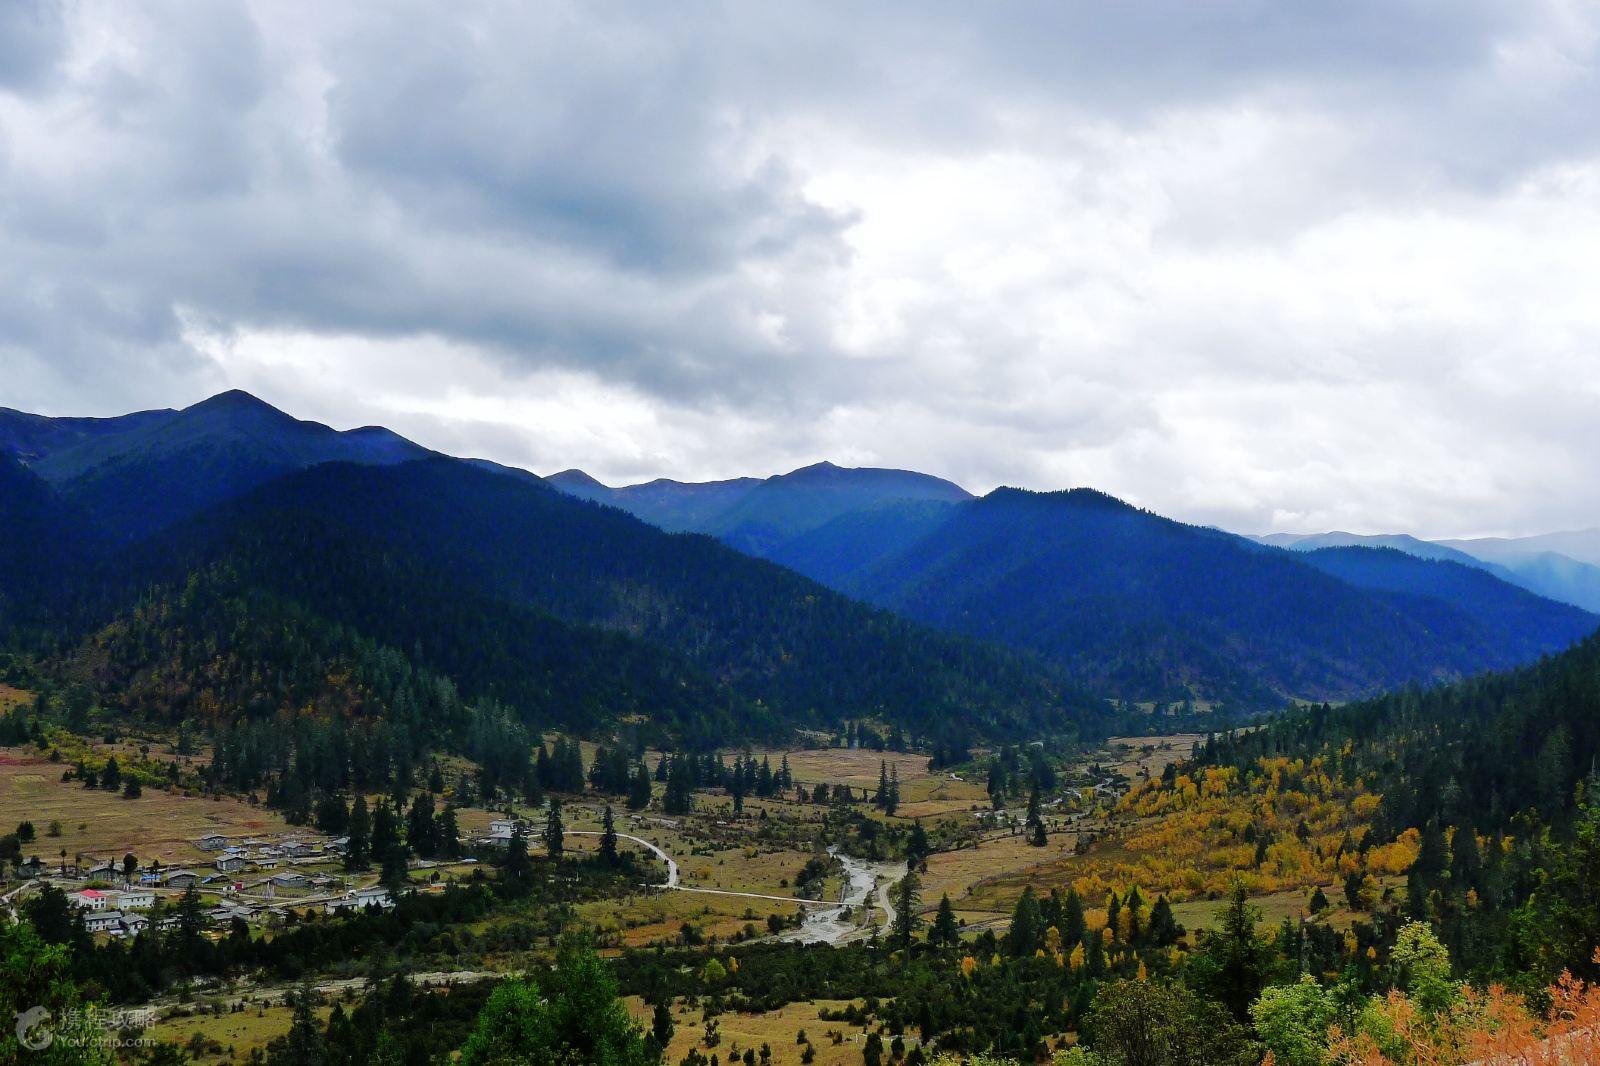 * 西藏民俗第一村 桃花沟 鲁朗林海   * 世界最大峡谷:【雅鲁藏布